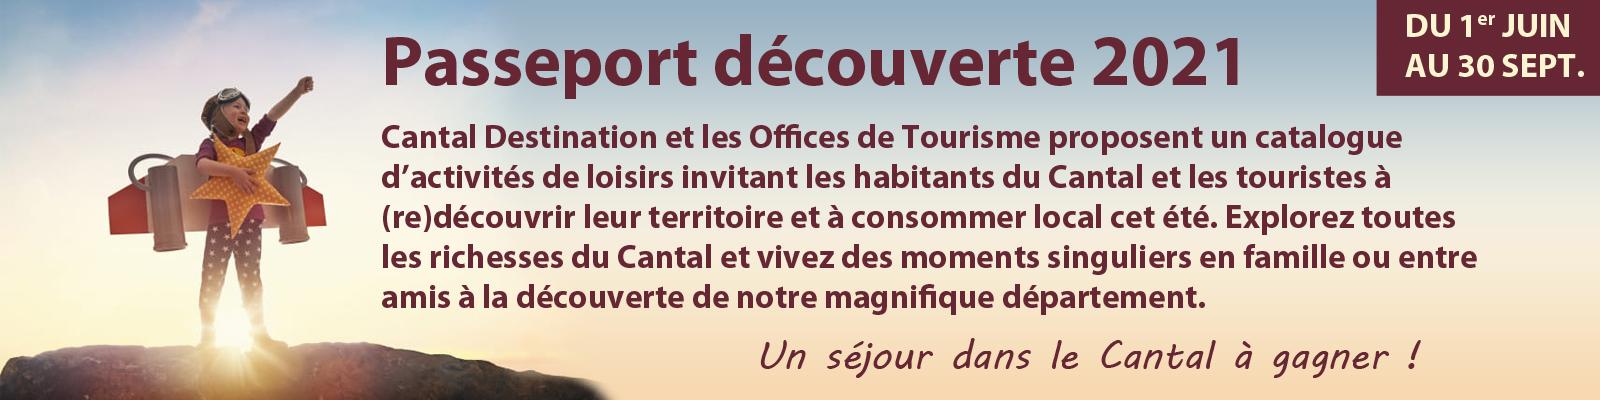 Bannière web - cantal passeport 2021